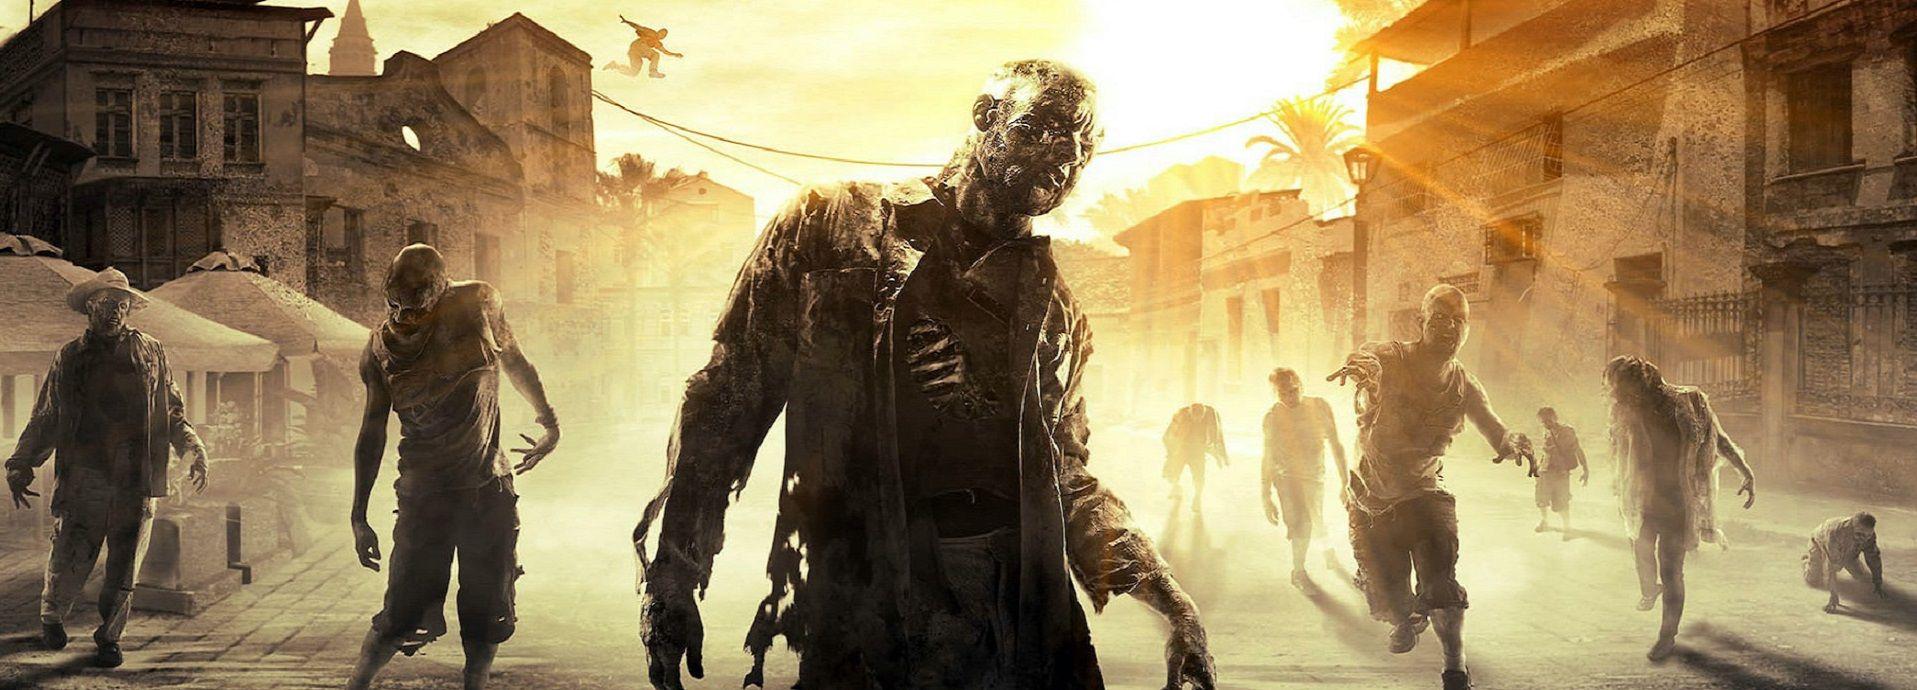 بازی Dying Light: Platinum Edition برای سوییچ عرضه میشود